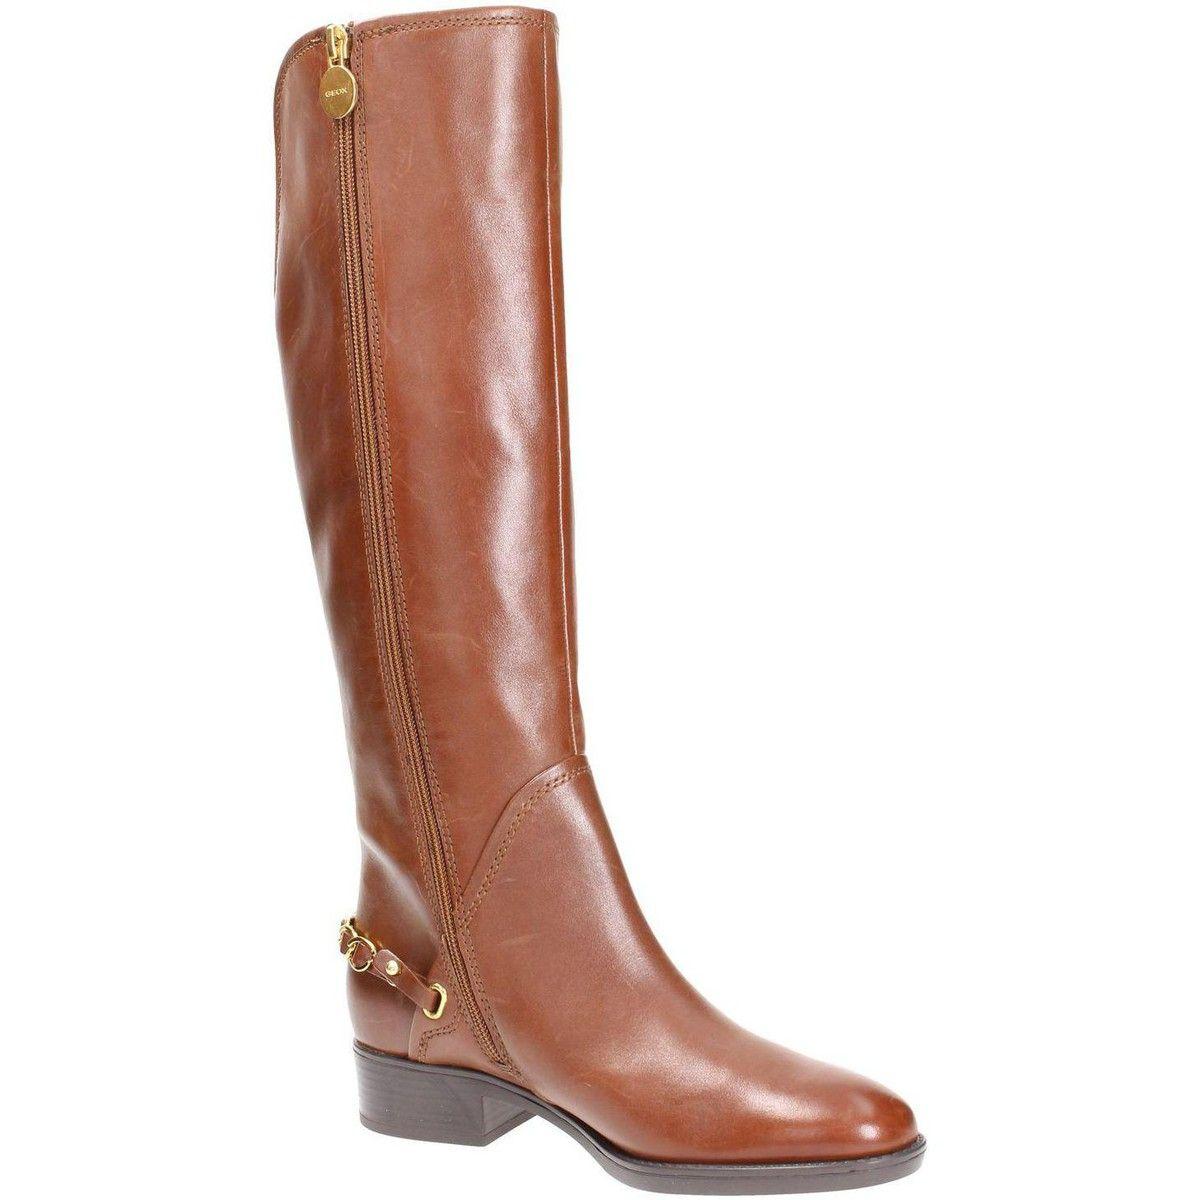 botte ville geox d44g1d00043c6777 botte femme cuir marrone | ma